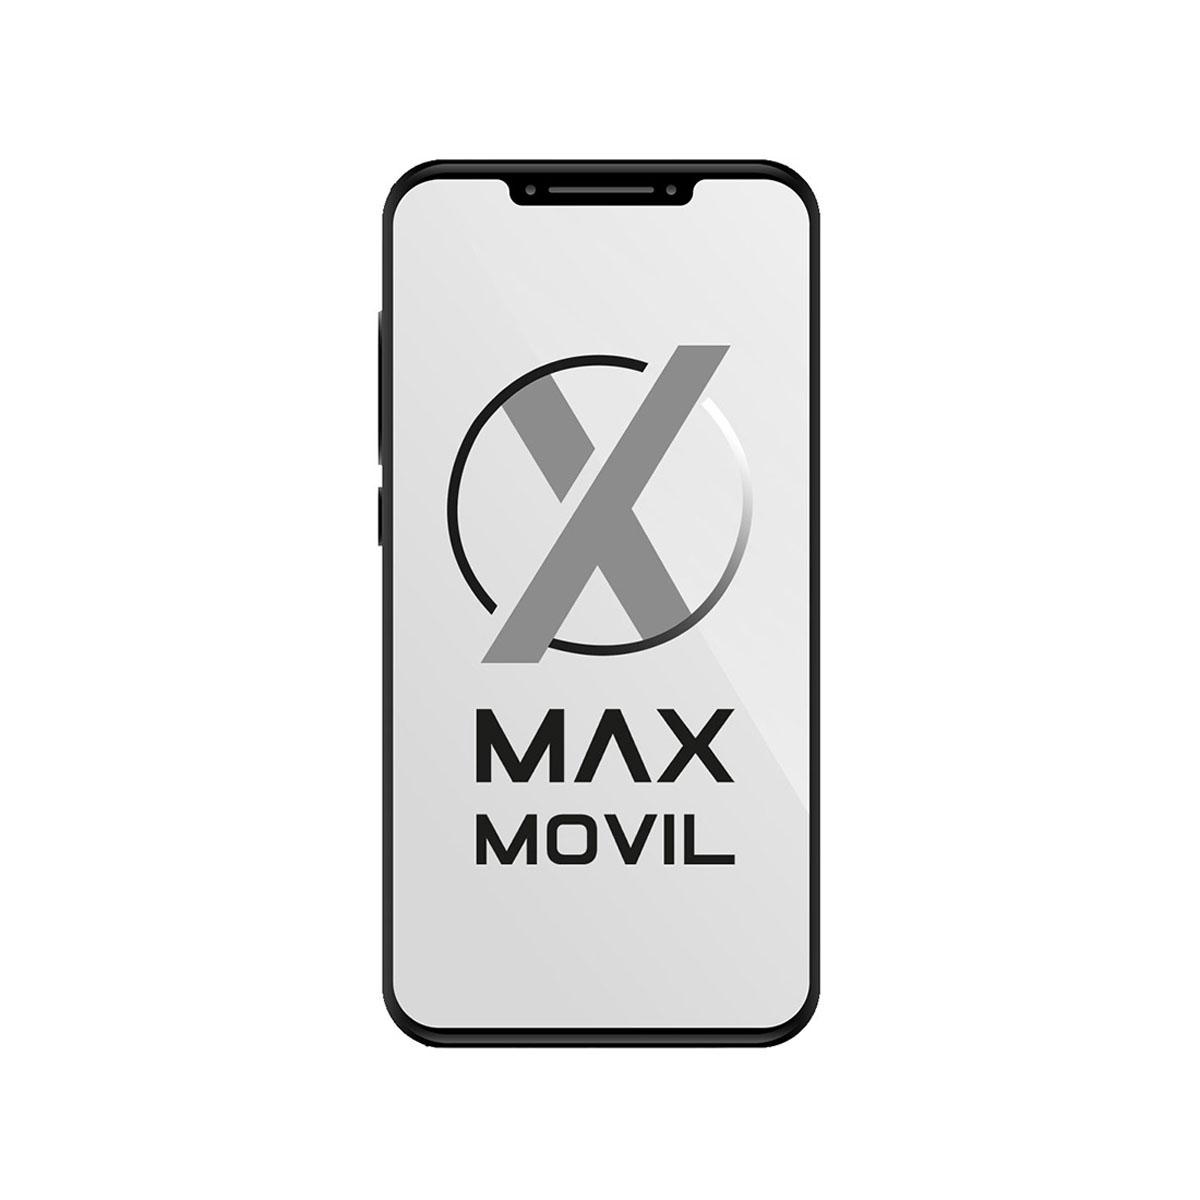 Telefono movil Iphone 6S Plus 64Gb  silver CPO ECORECICLADO GRADO A